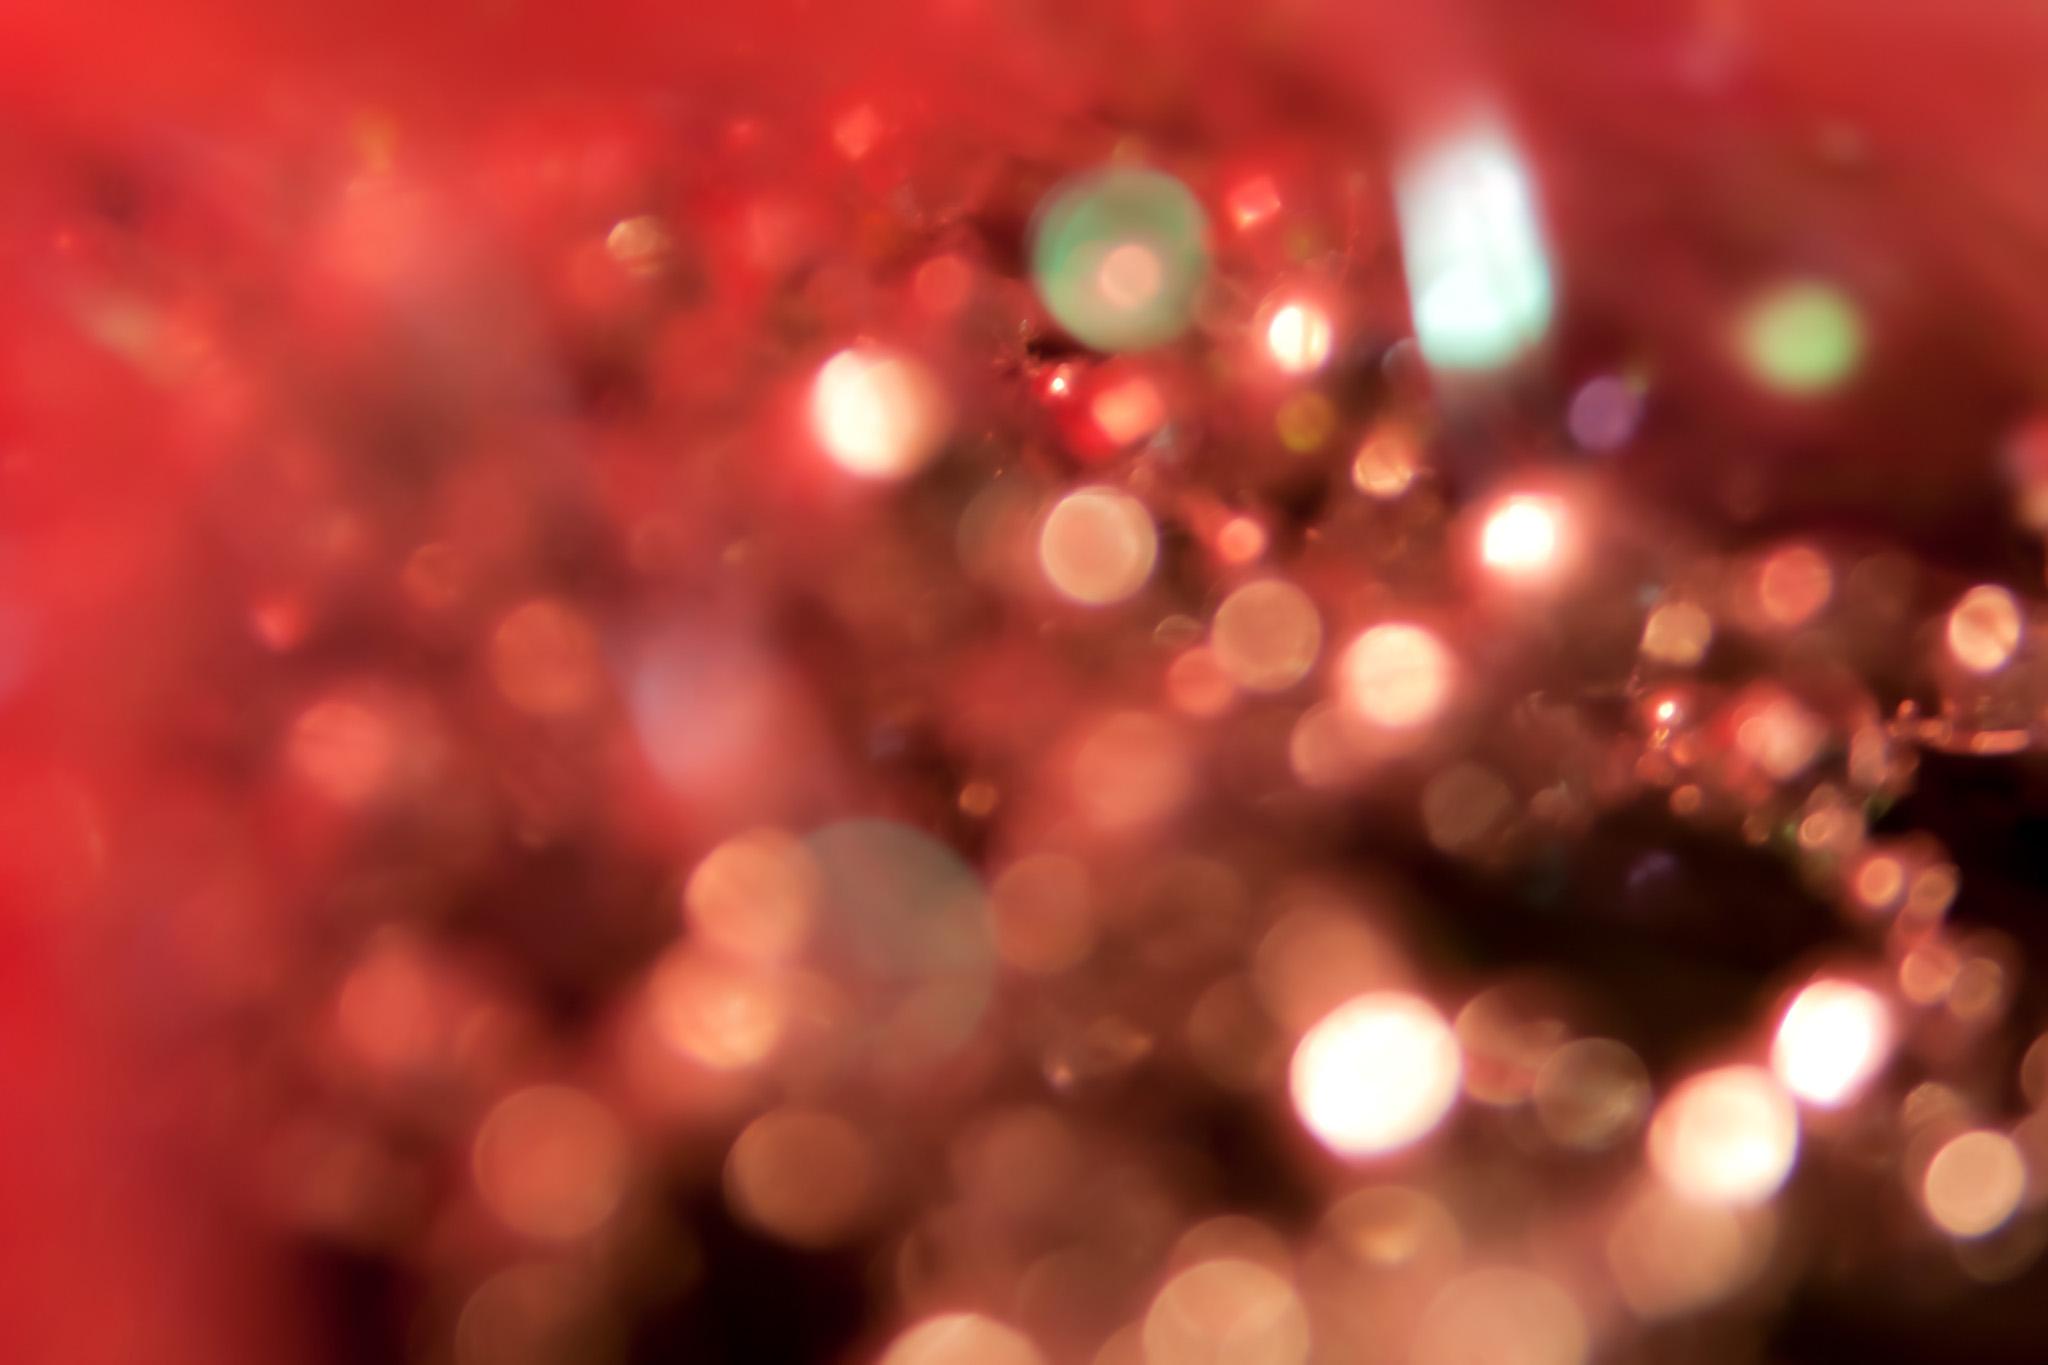 キラキラの光の玉